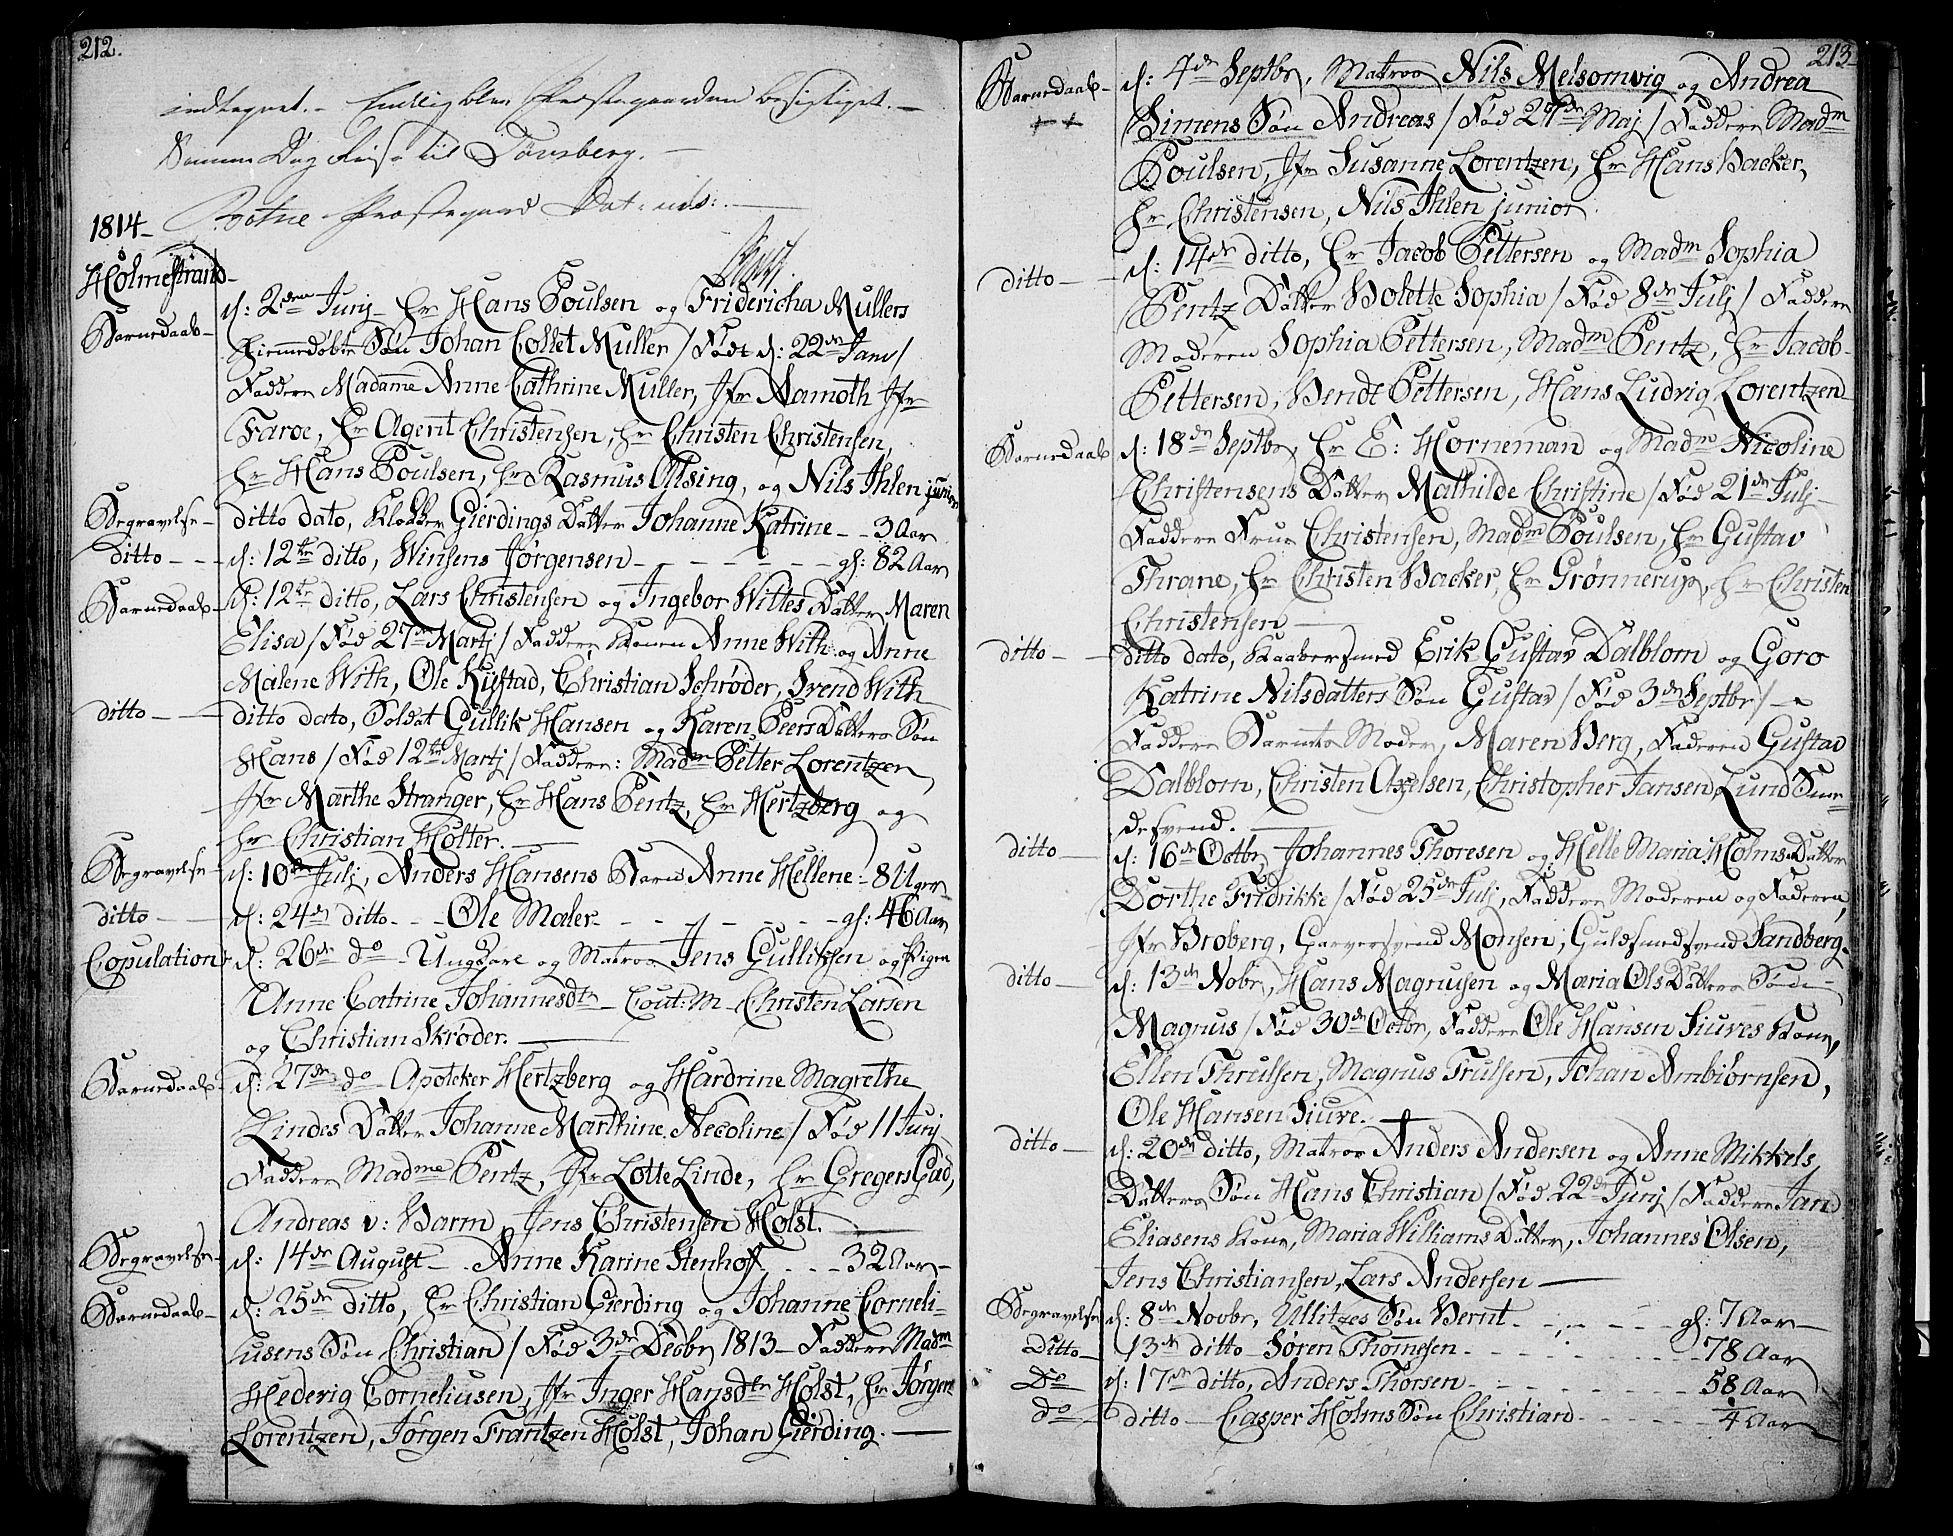 SAKO, Botne kirkebøker, F/Fa/L0003: Ministerialbok nr. I 3 /1, 1792-1844, s. 212-213